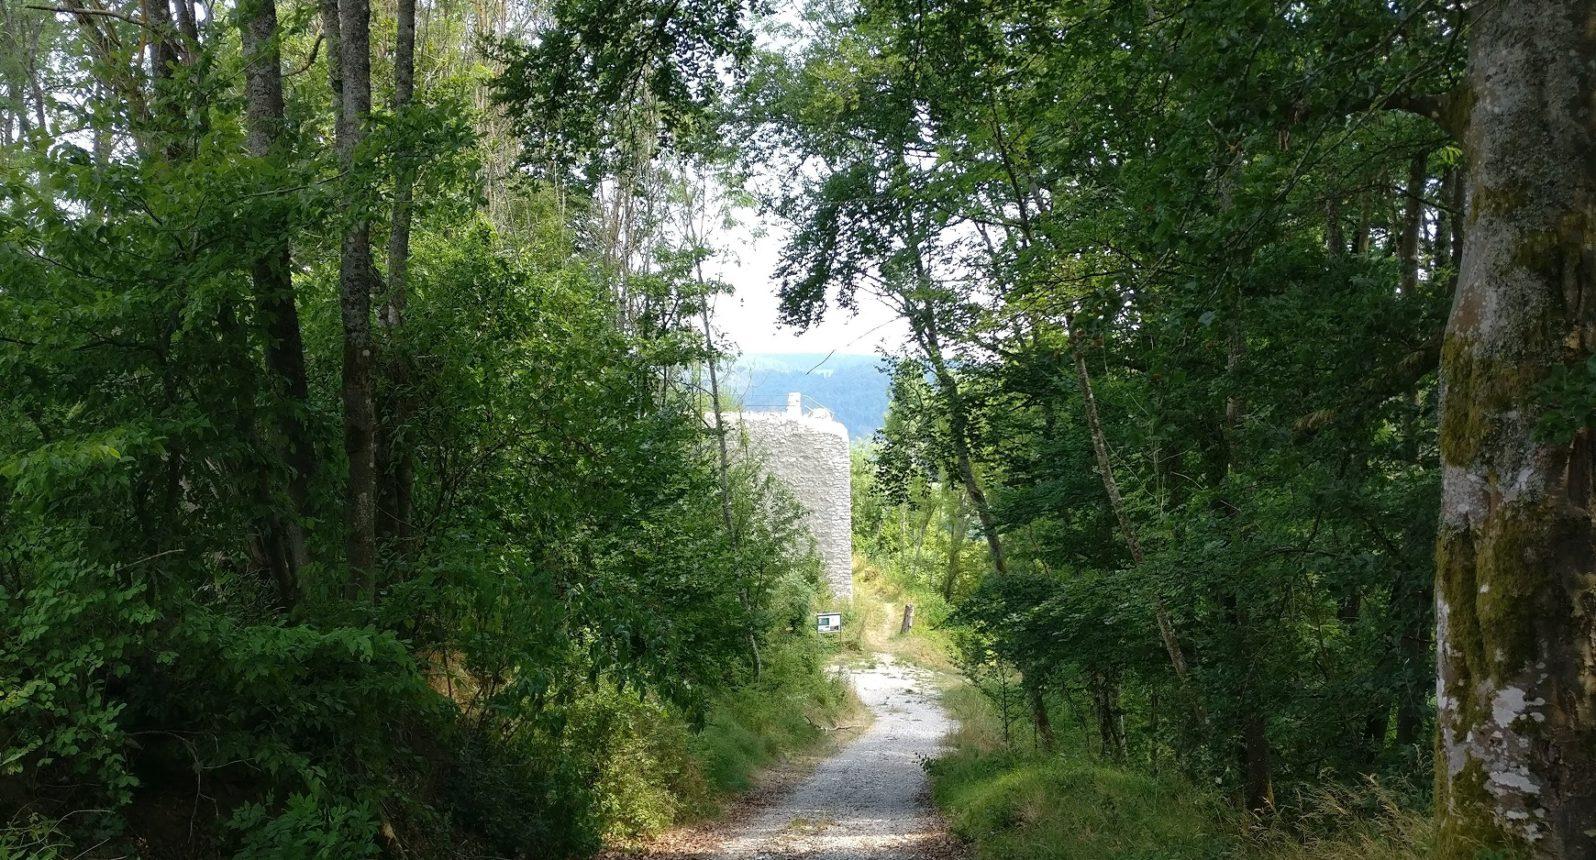 Wanderweg im Wald